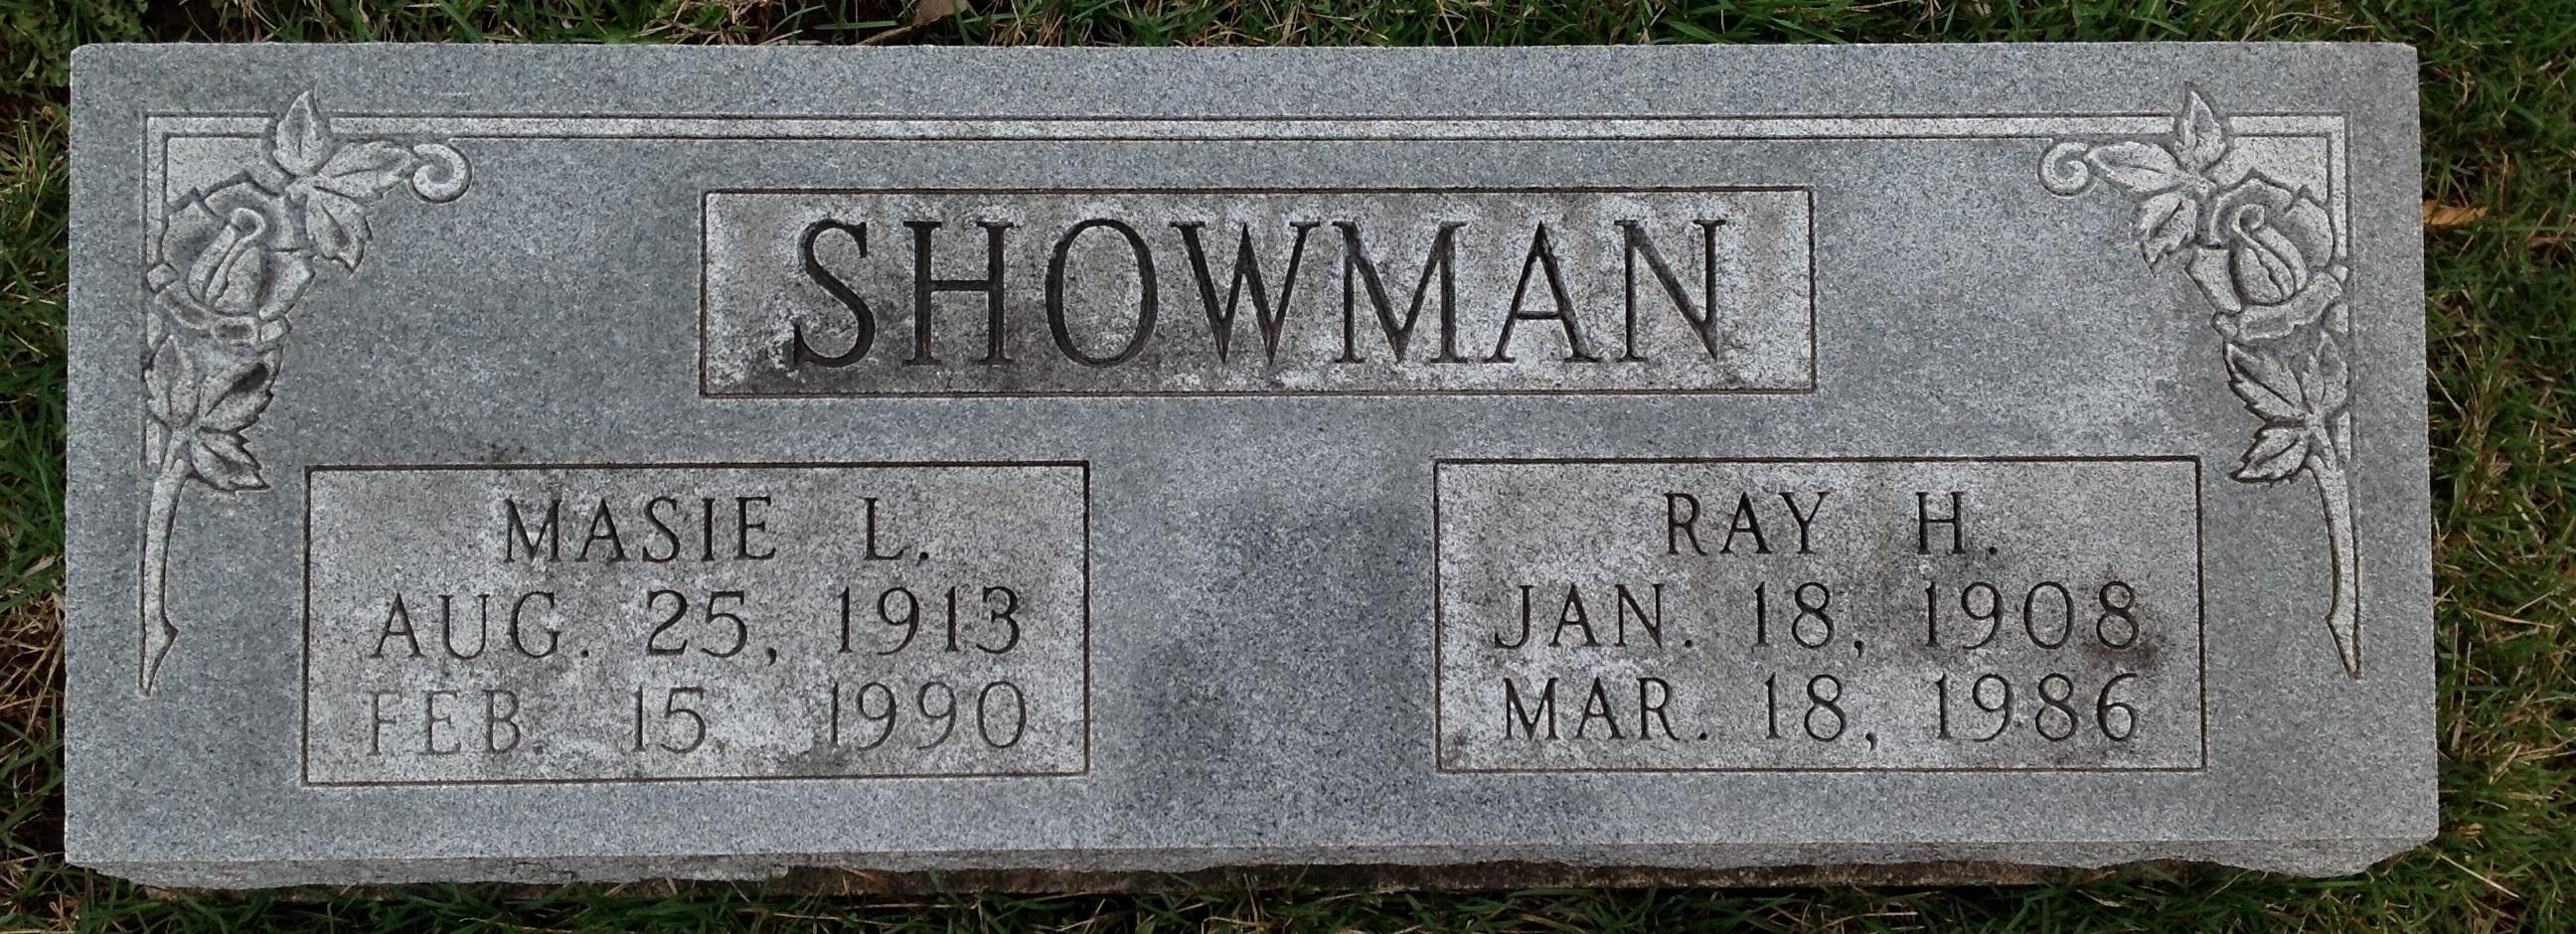 Masie Lillian <i>Cox</i> Showman